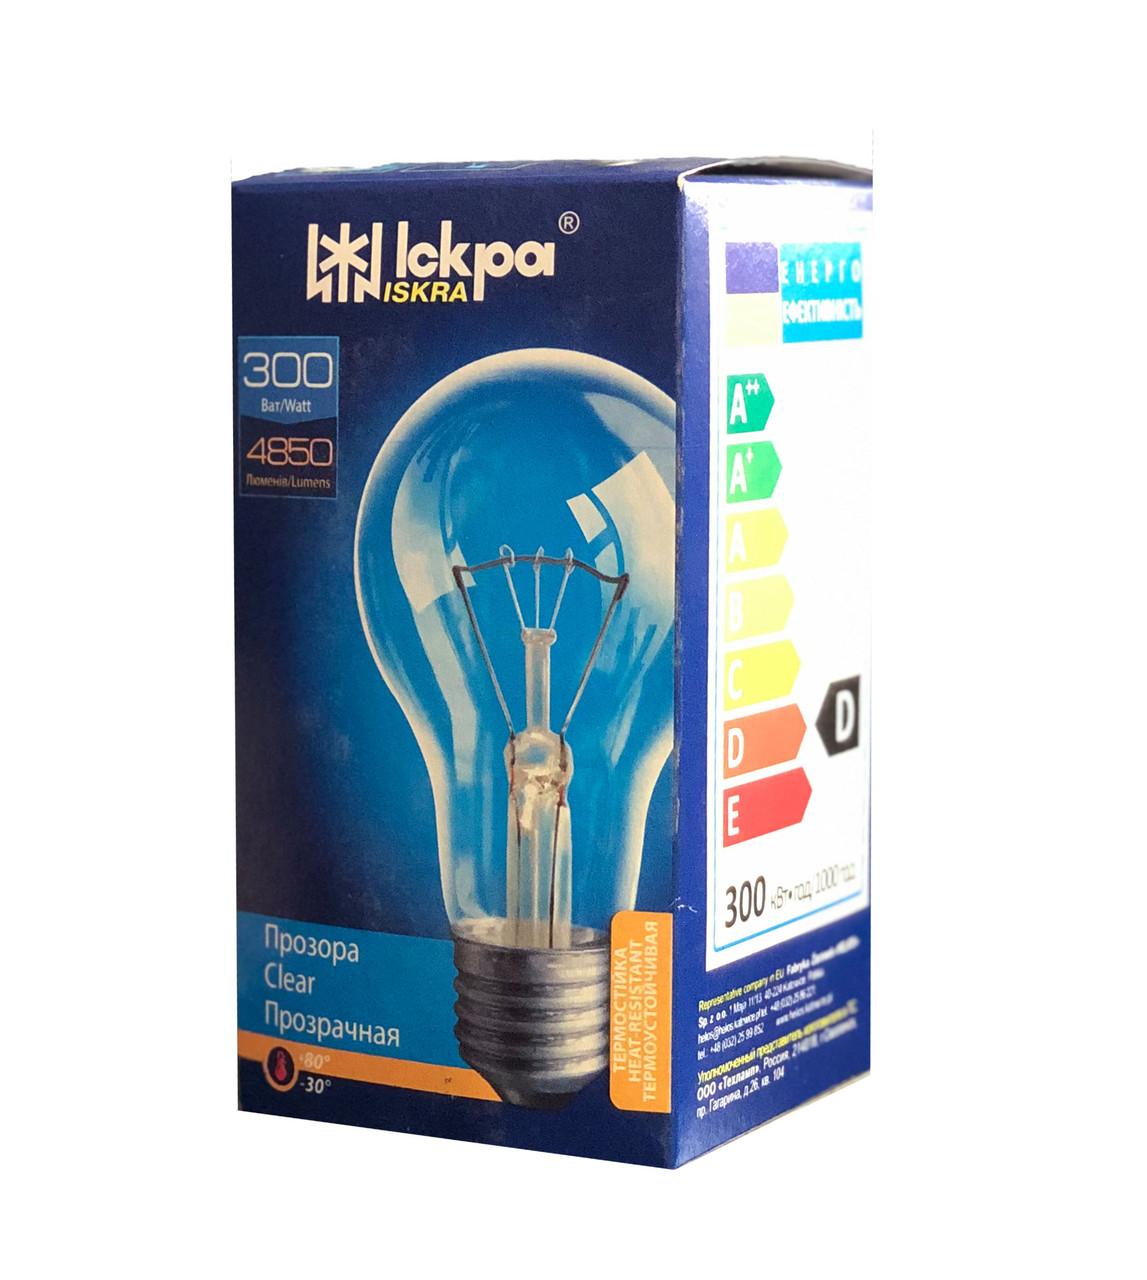 Лампа розжарювання 300 Ватт, Е27 Колба PS80